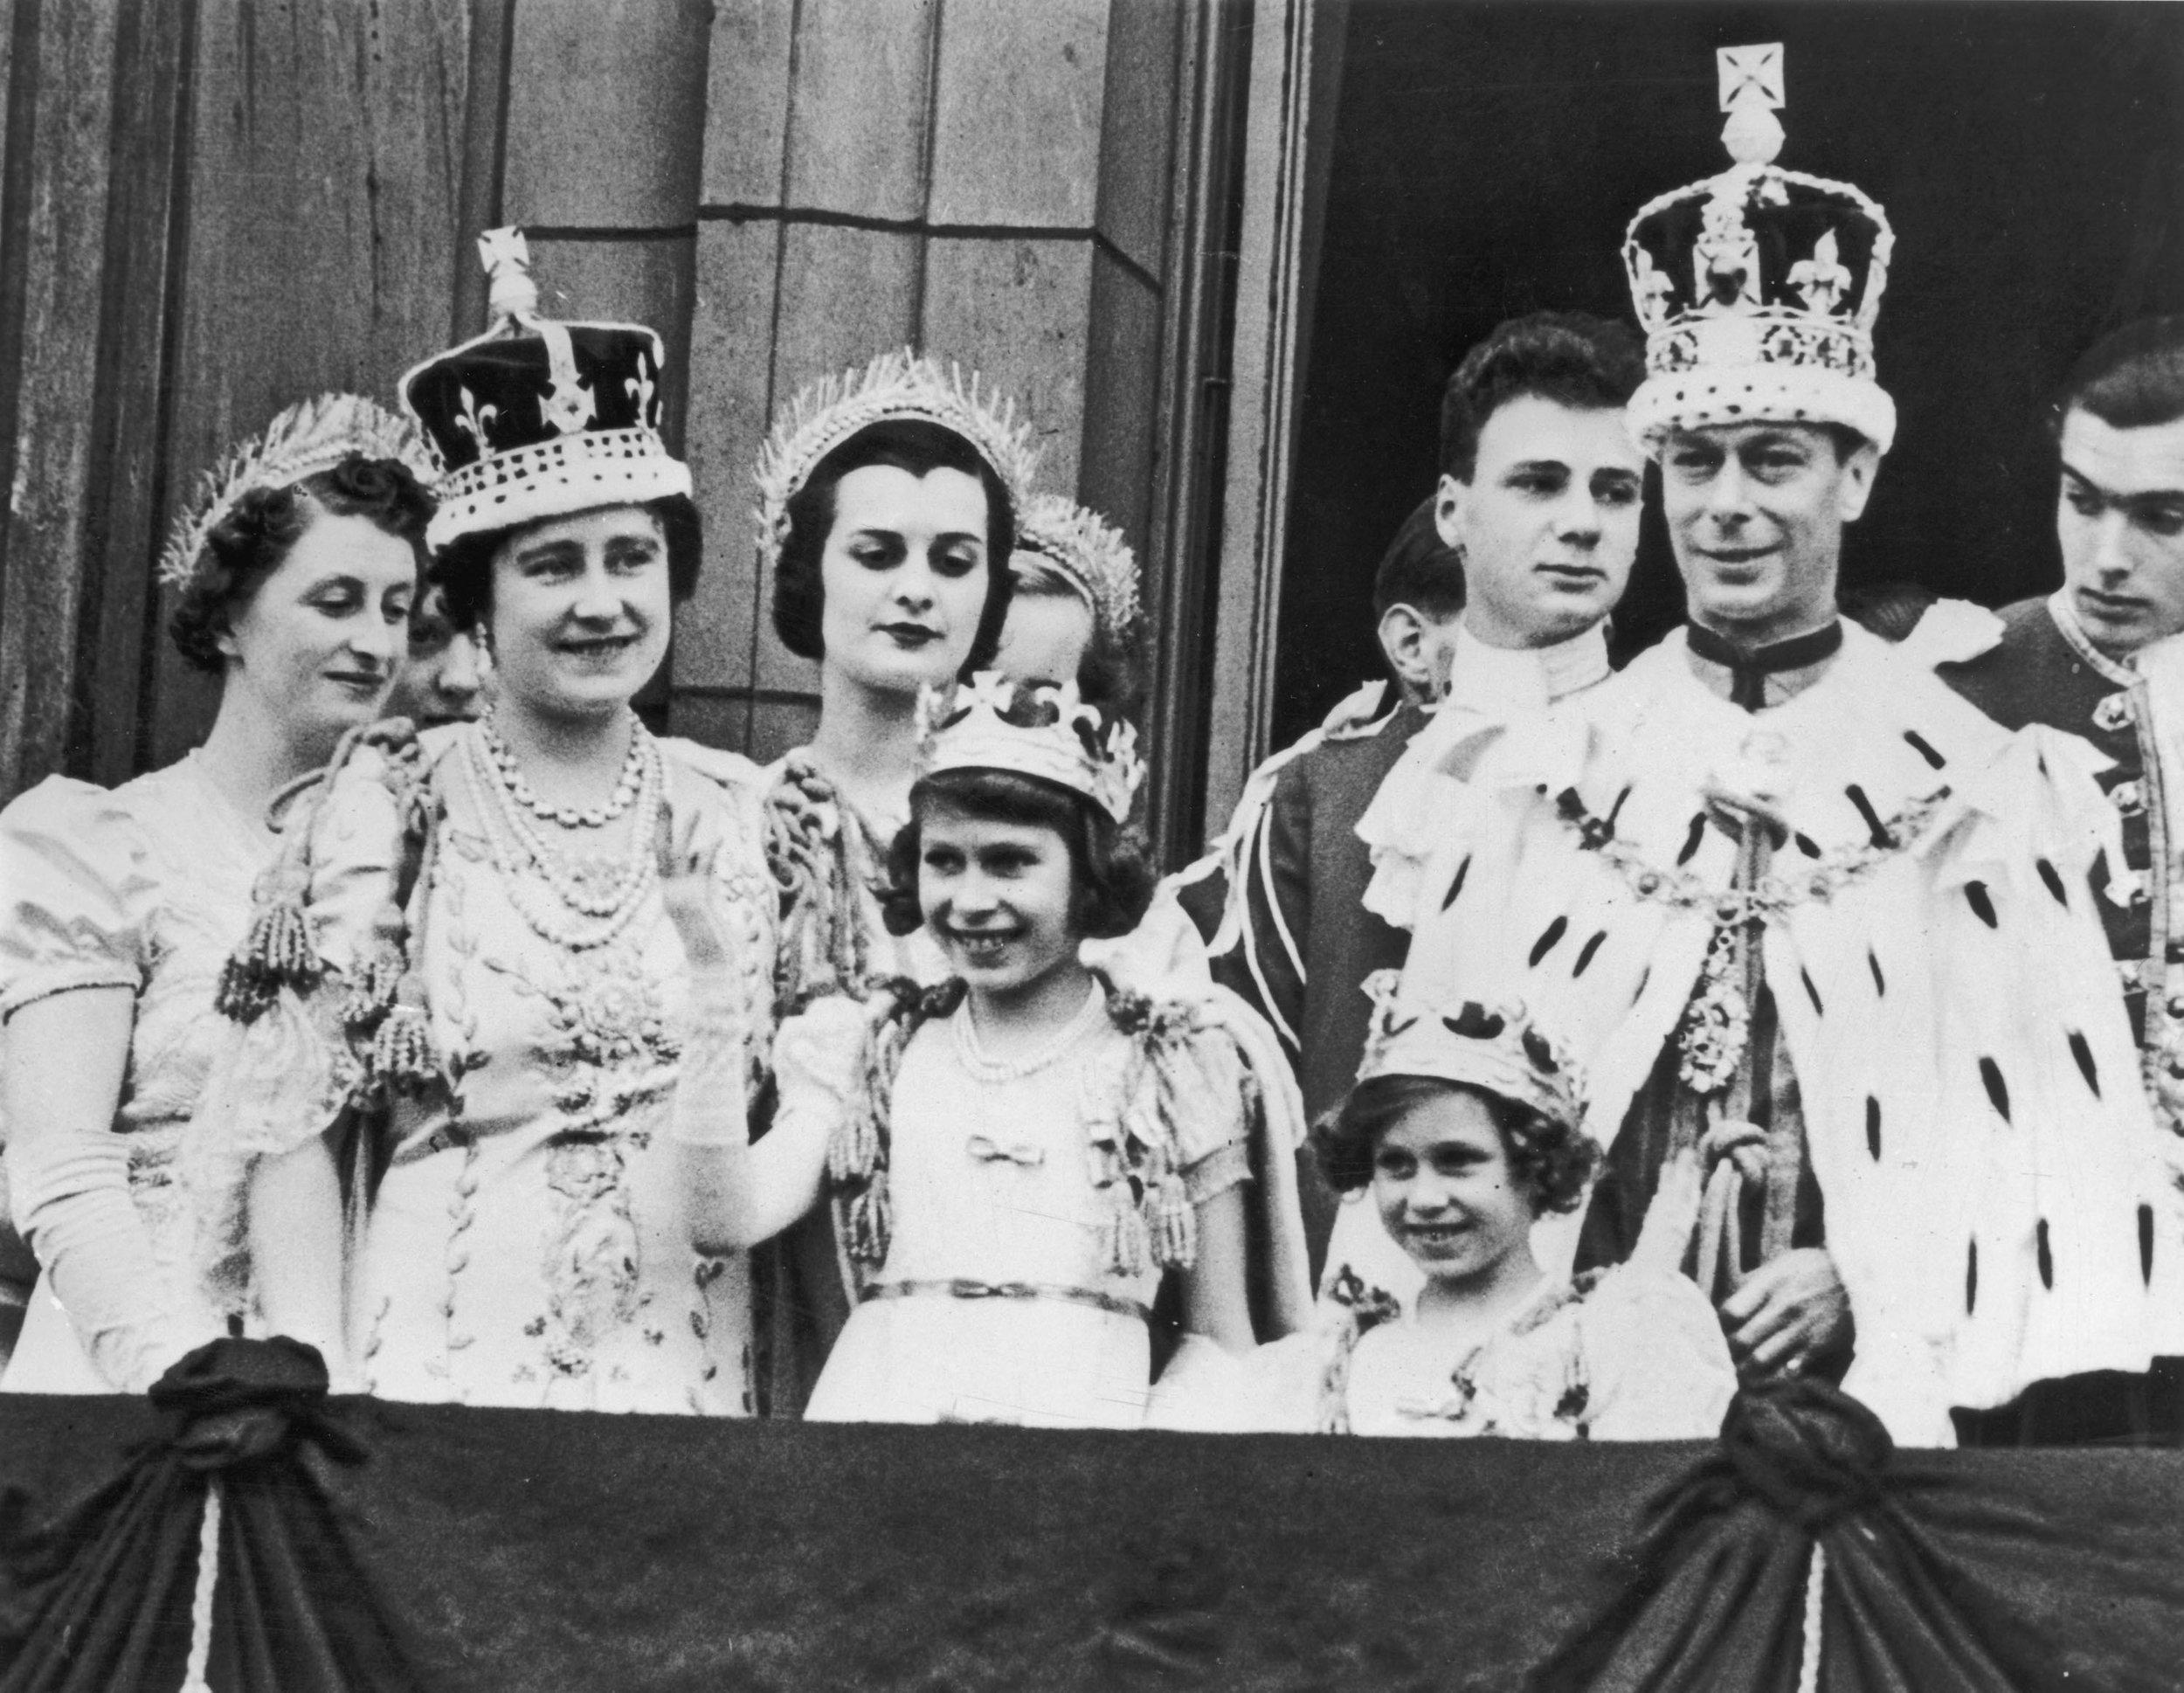 Ihr Vater George VI. wurde am 12. Mai 1937 gekrönt. Elizabeth war damals erst elf Jahre alt. Foto: Getty Images